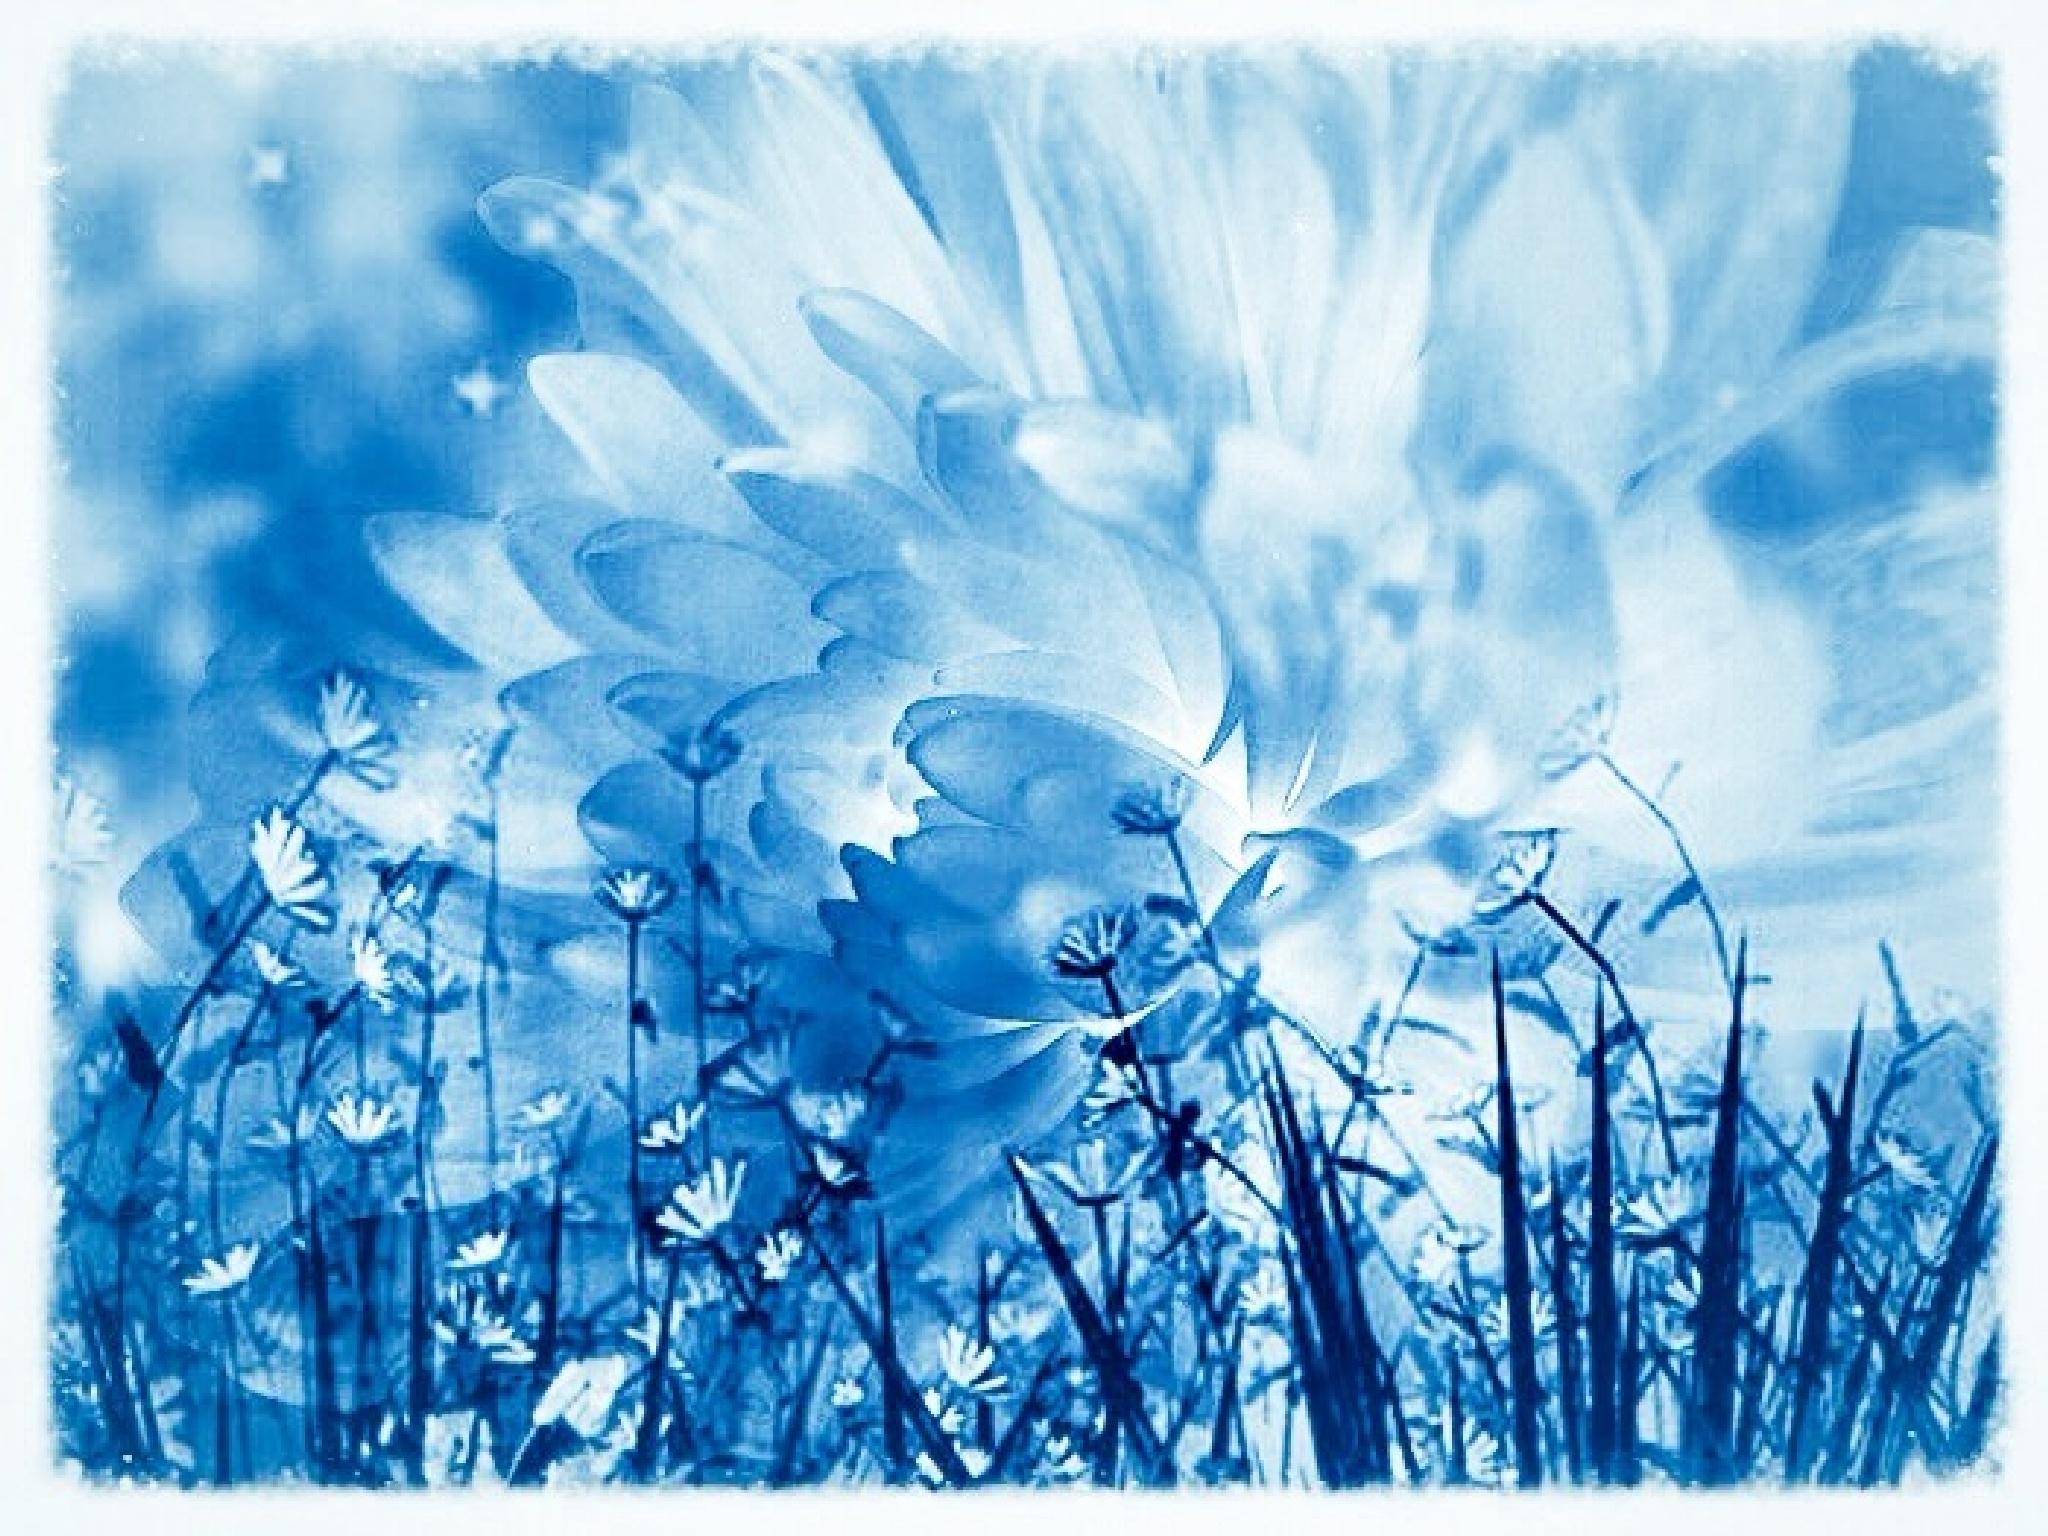 Something Blue by Brenda Boisvert